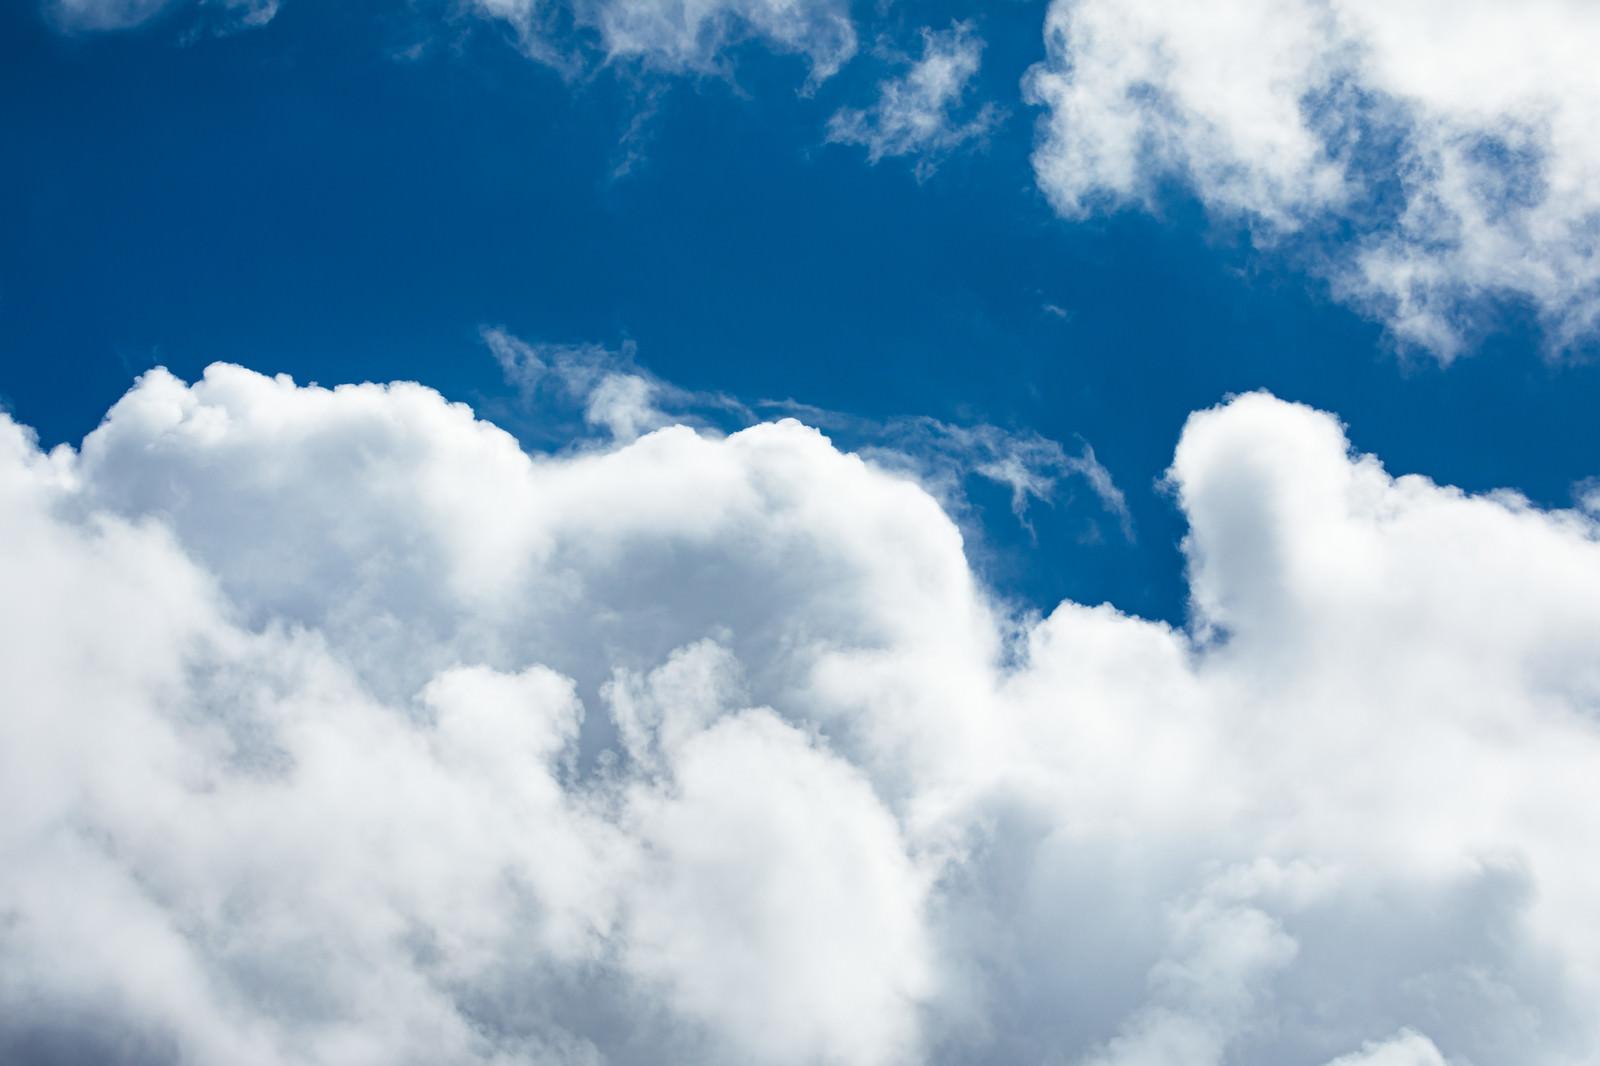 「夏空と積乱雲」の写真